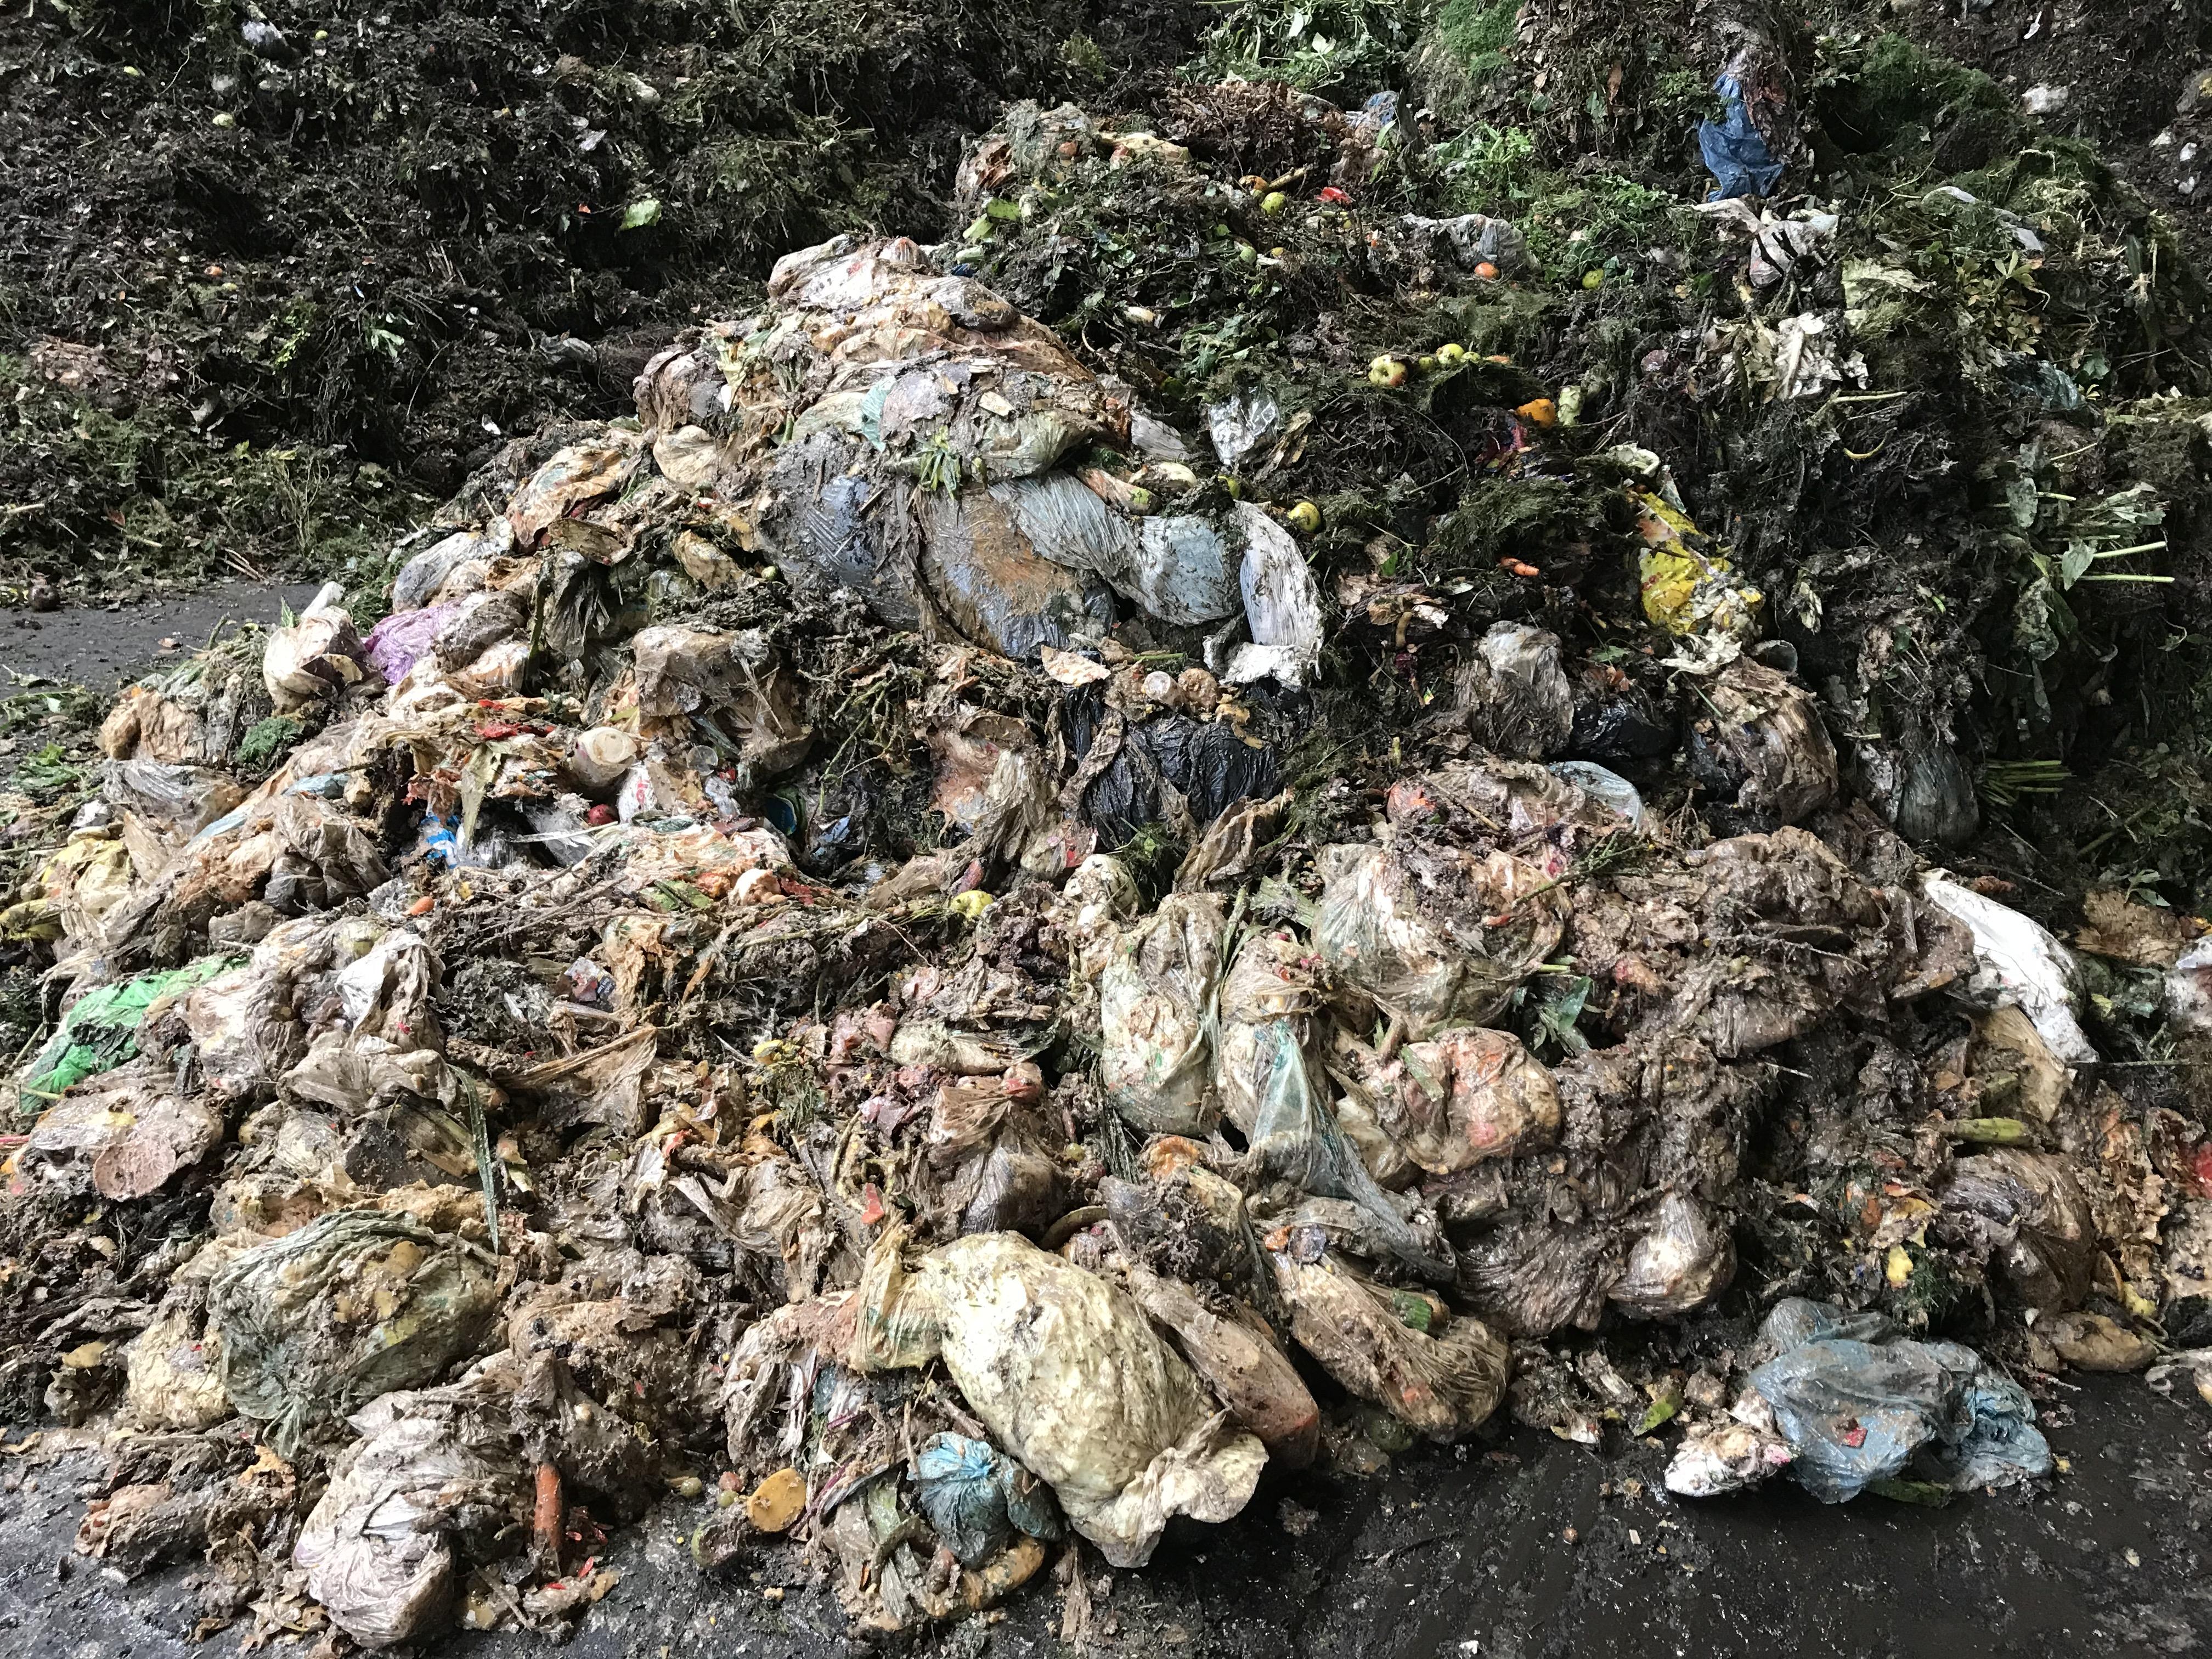 Zu viele Plastiktüten befinden sich aktuell in den gesammelten Bioabfällen im Landkreis.